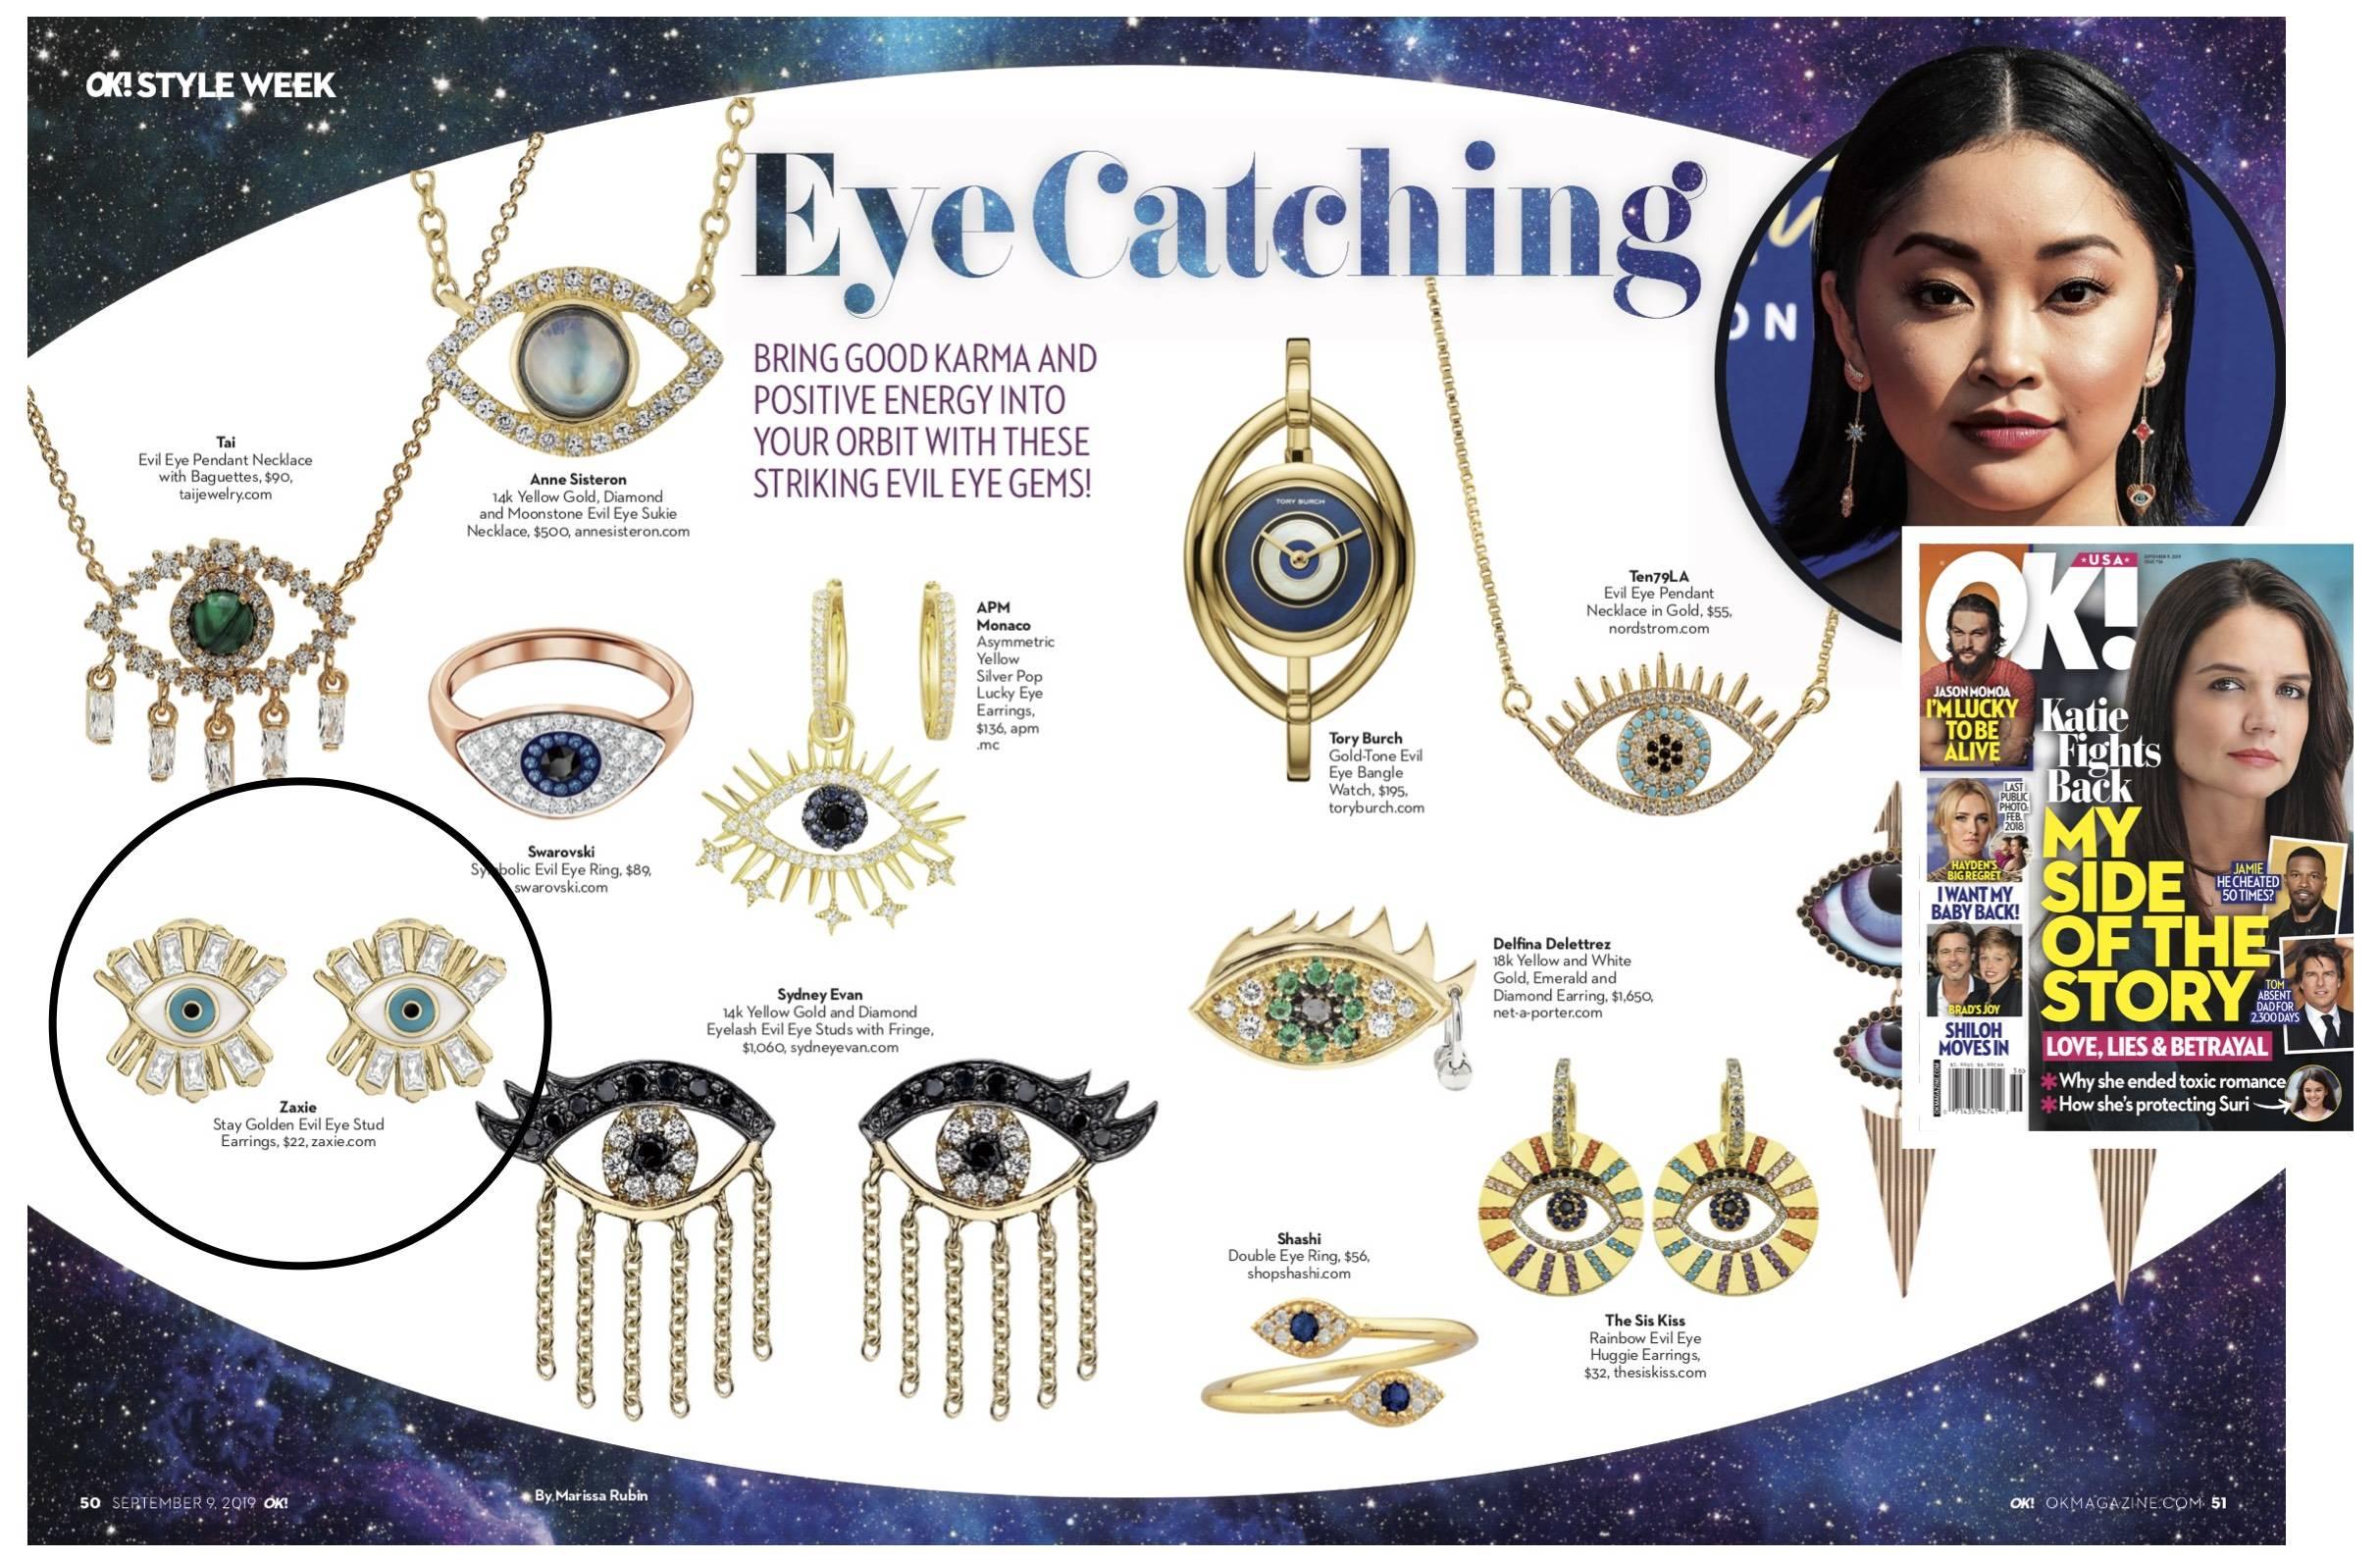 ZAXIE Evil Eye Stud Earrings in US weekly